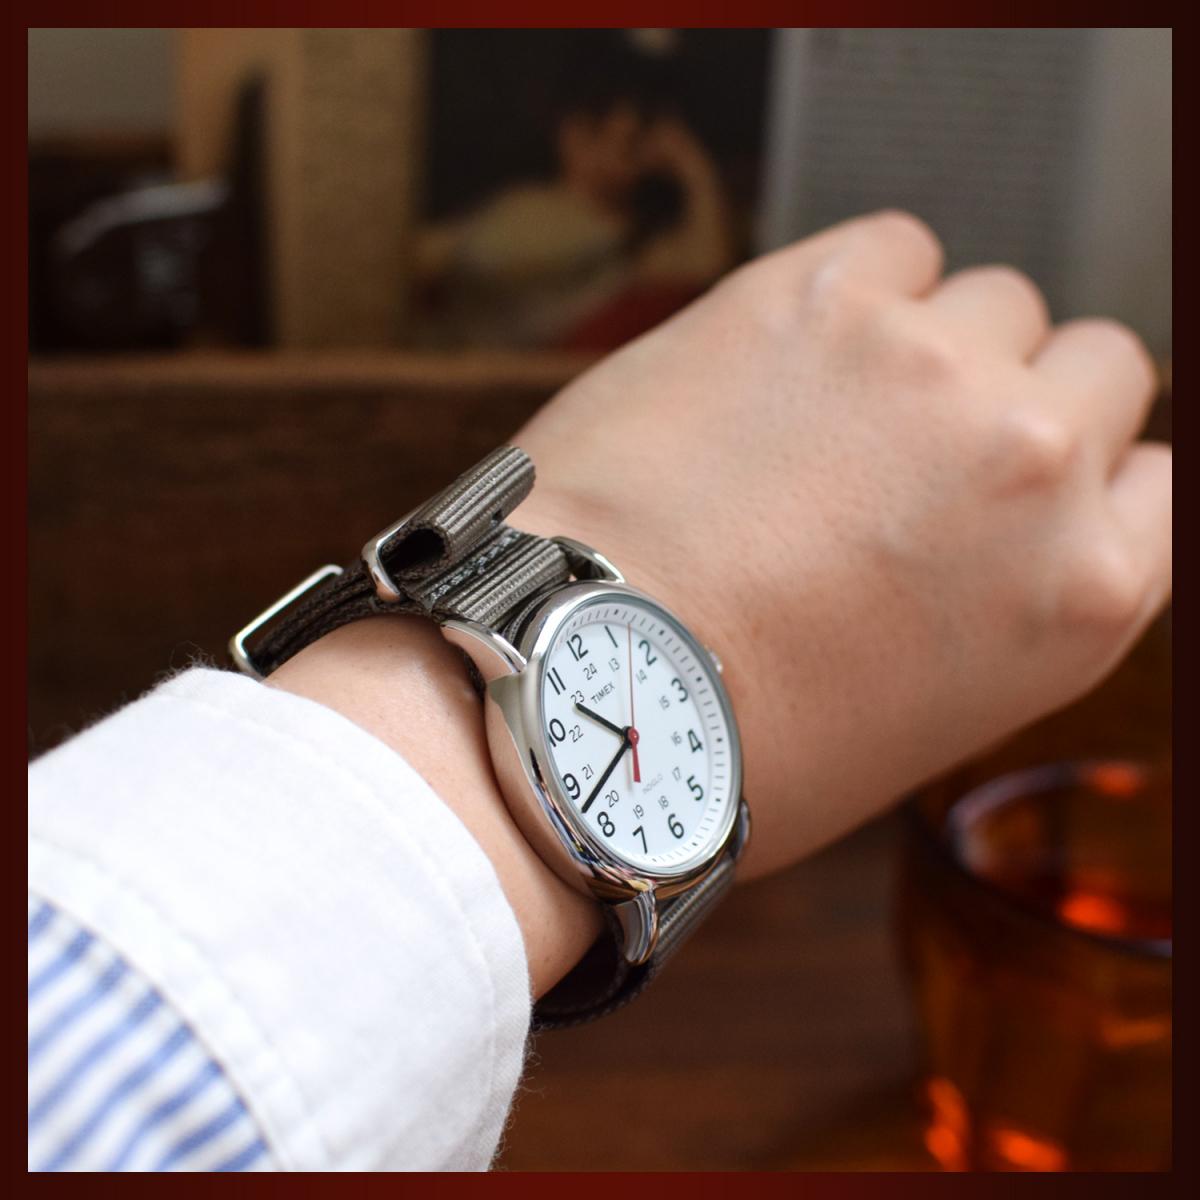 時計ベルト NATO ゴールドバックル ショートサイズ カーキグリーン 20mm 取付けマニュアル _画像9